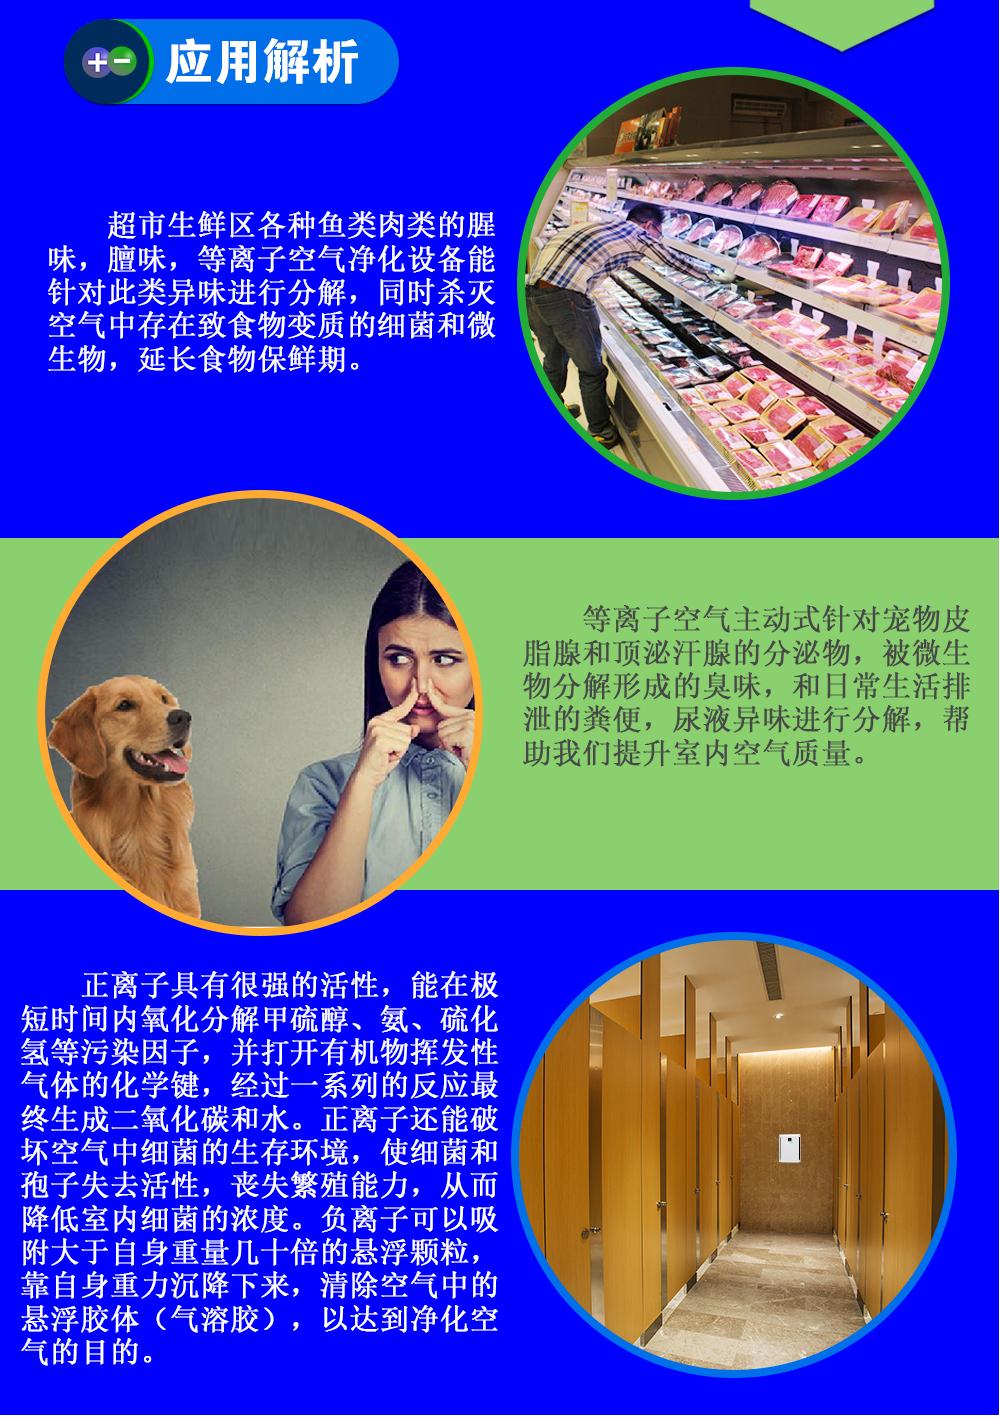 挂式小型空气净化器,洗手间除臭机产品应用于:街市洗卫生,餐饮厕所,酒店客房,养老院,敬老院,医院,宠物店,办公室,公共场所,电梯,洗手间,等娱乐场所